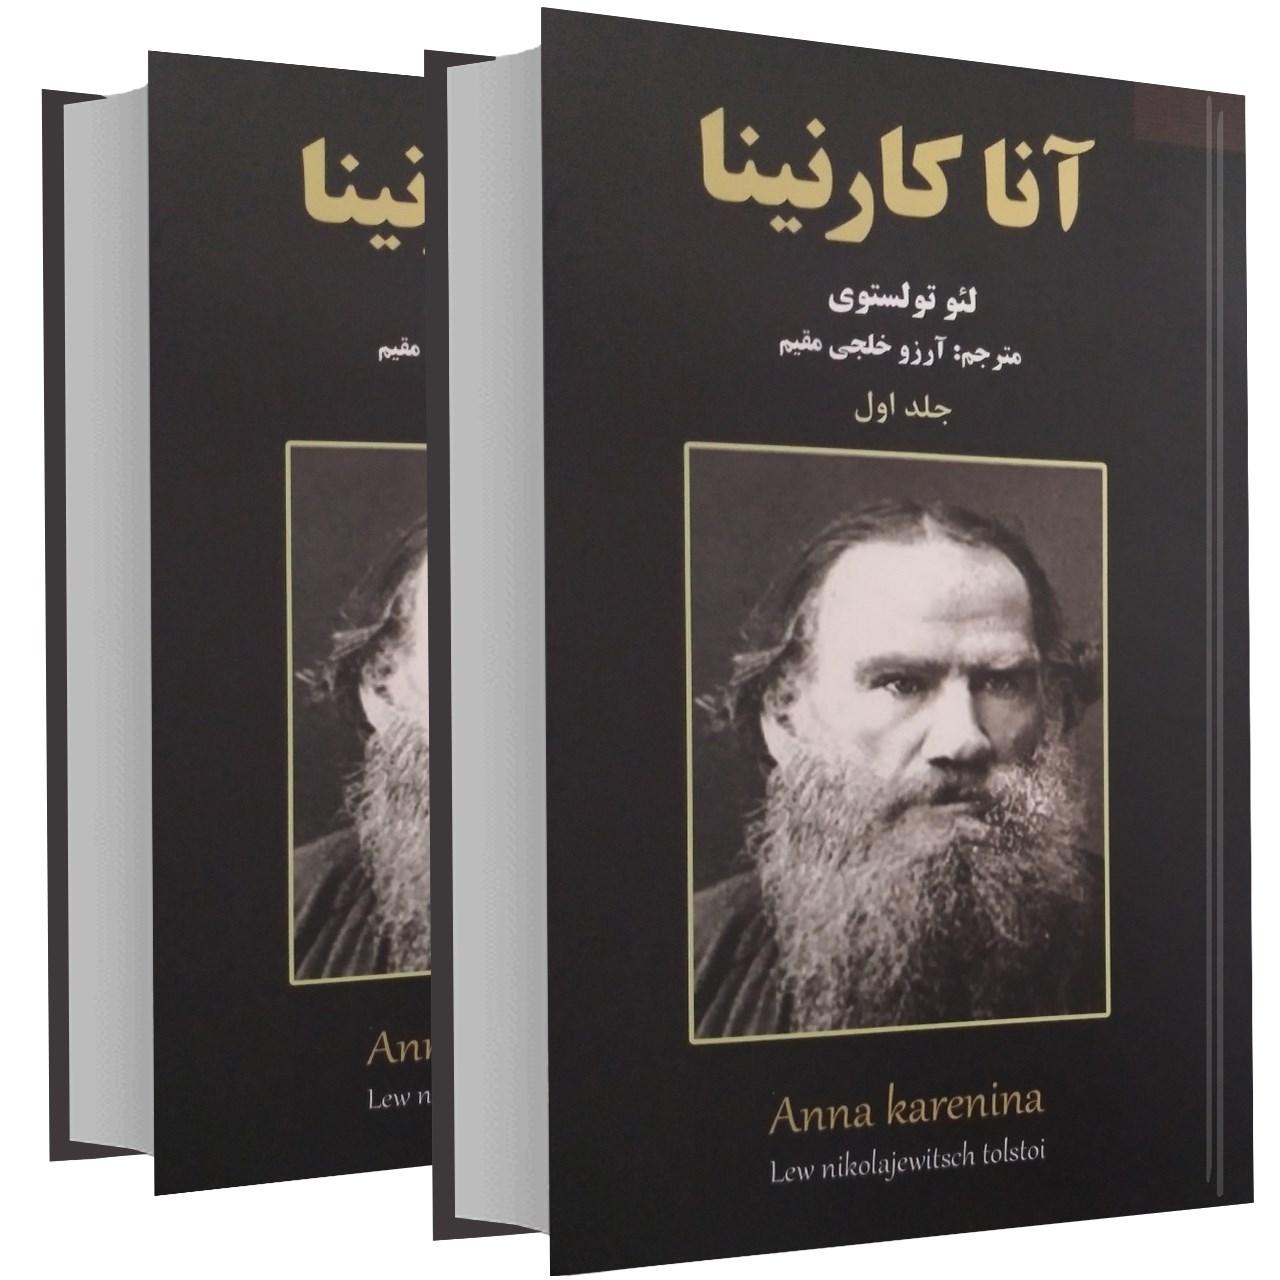 کتاب آنا کارنینا اثر لئو تولستوی دو جلدی